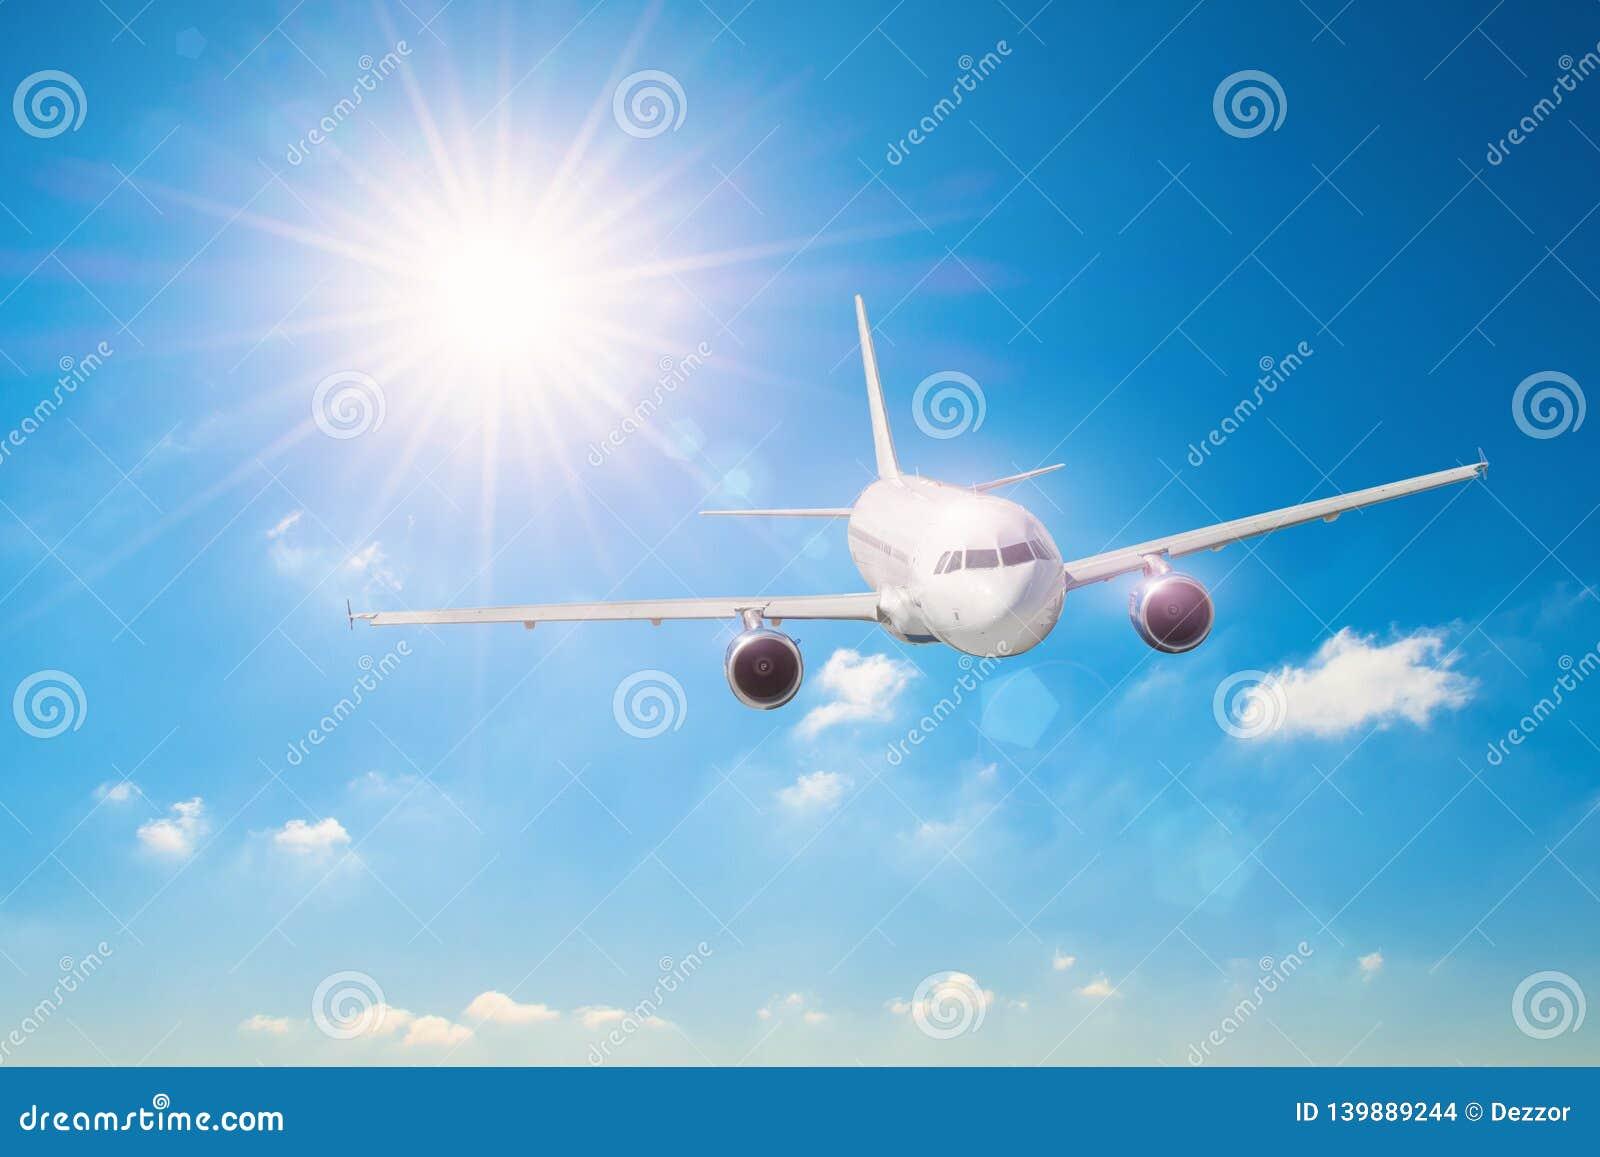 Солнце с яркими лучами в голубом небе с облаками белого света, самолете летая путешествуя на каникулах